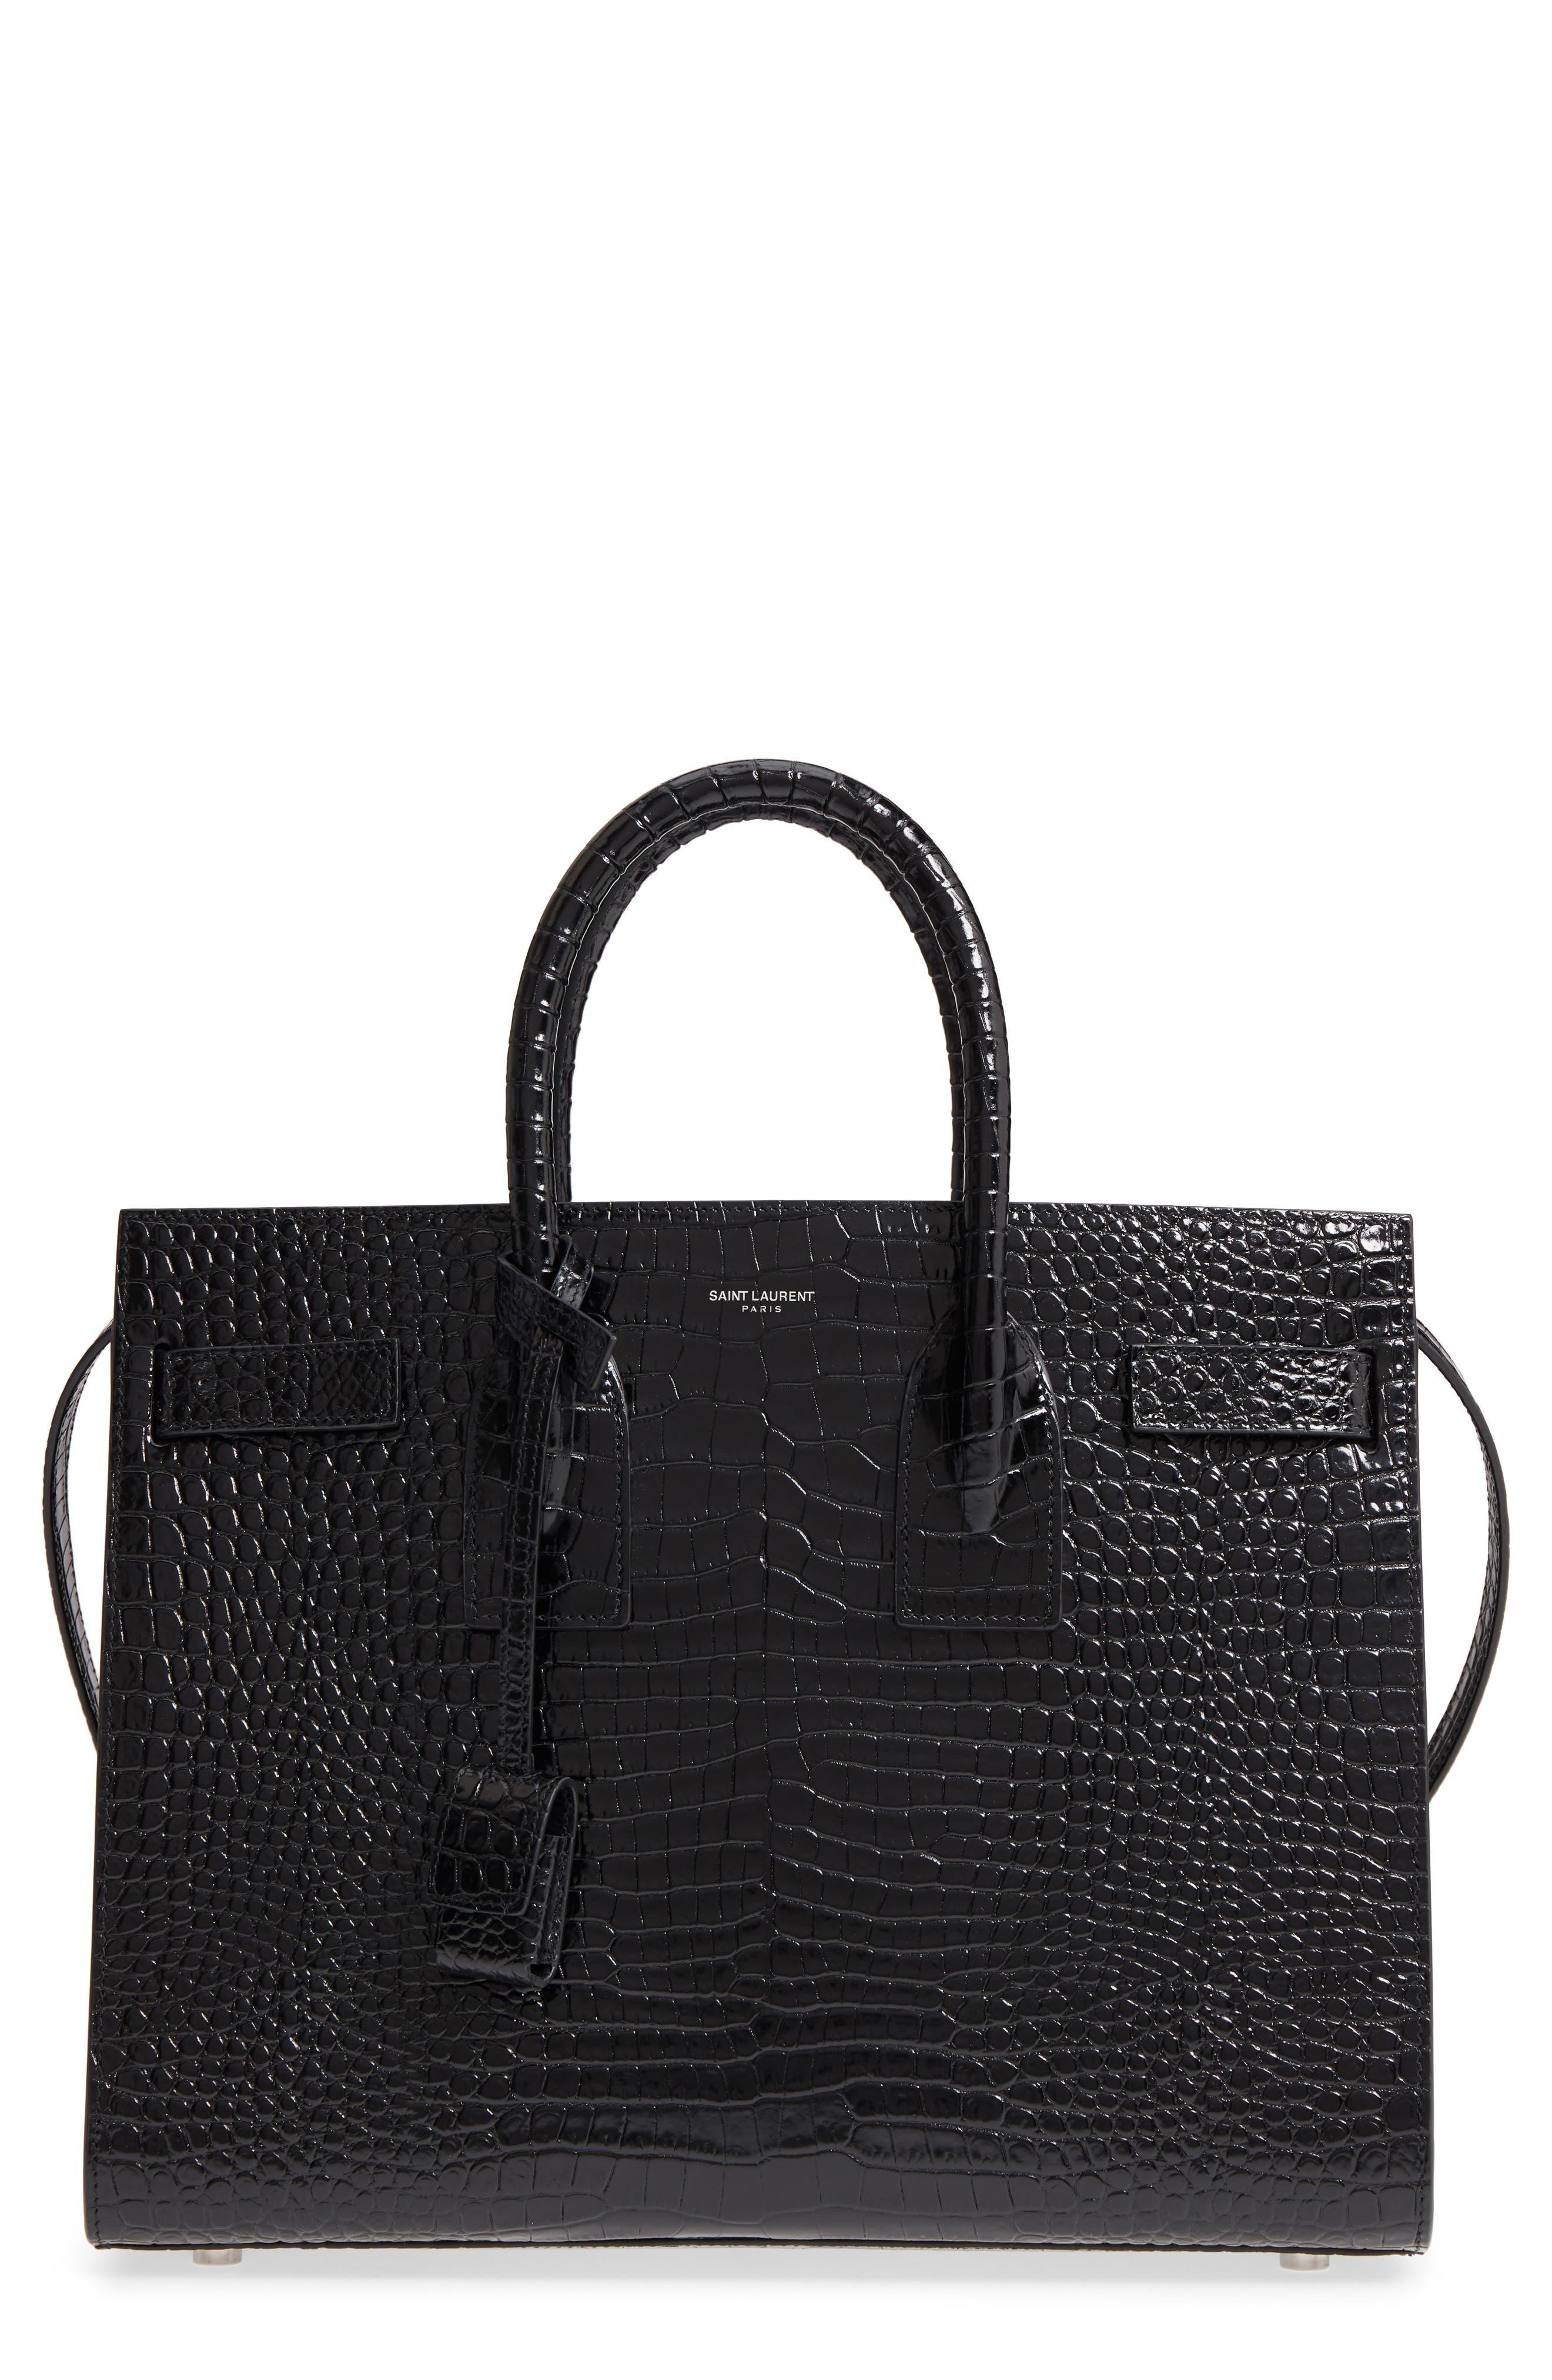 Small Sac de Jour Croc Embossed Calfskin Leather Tote,                         Main,                         color, Nero/ Nero